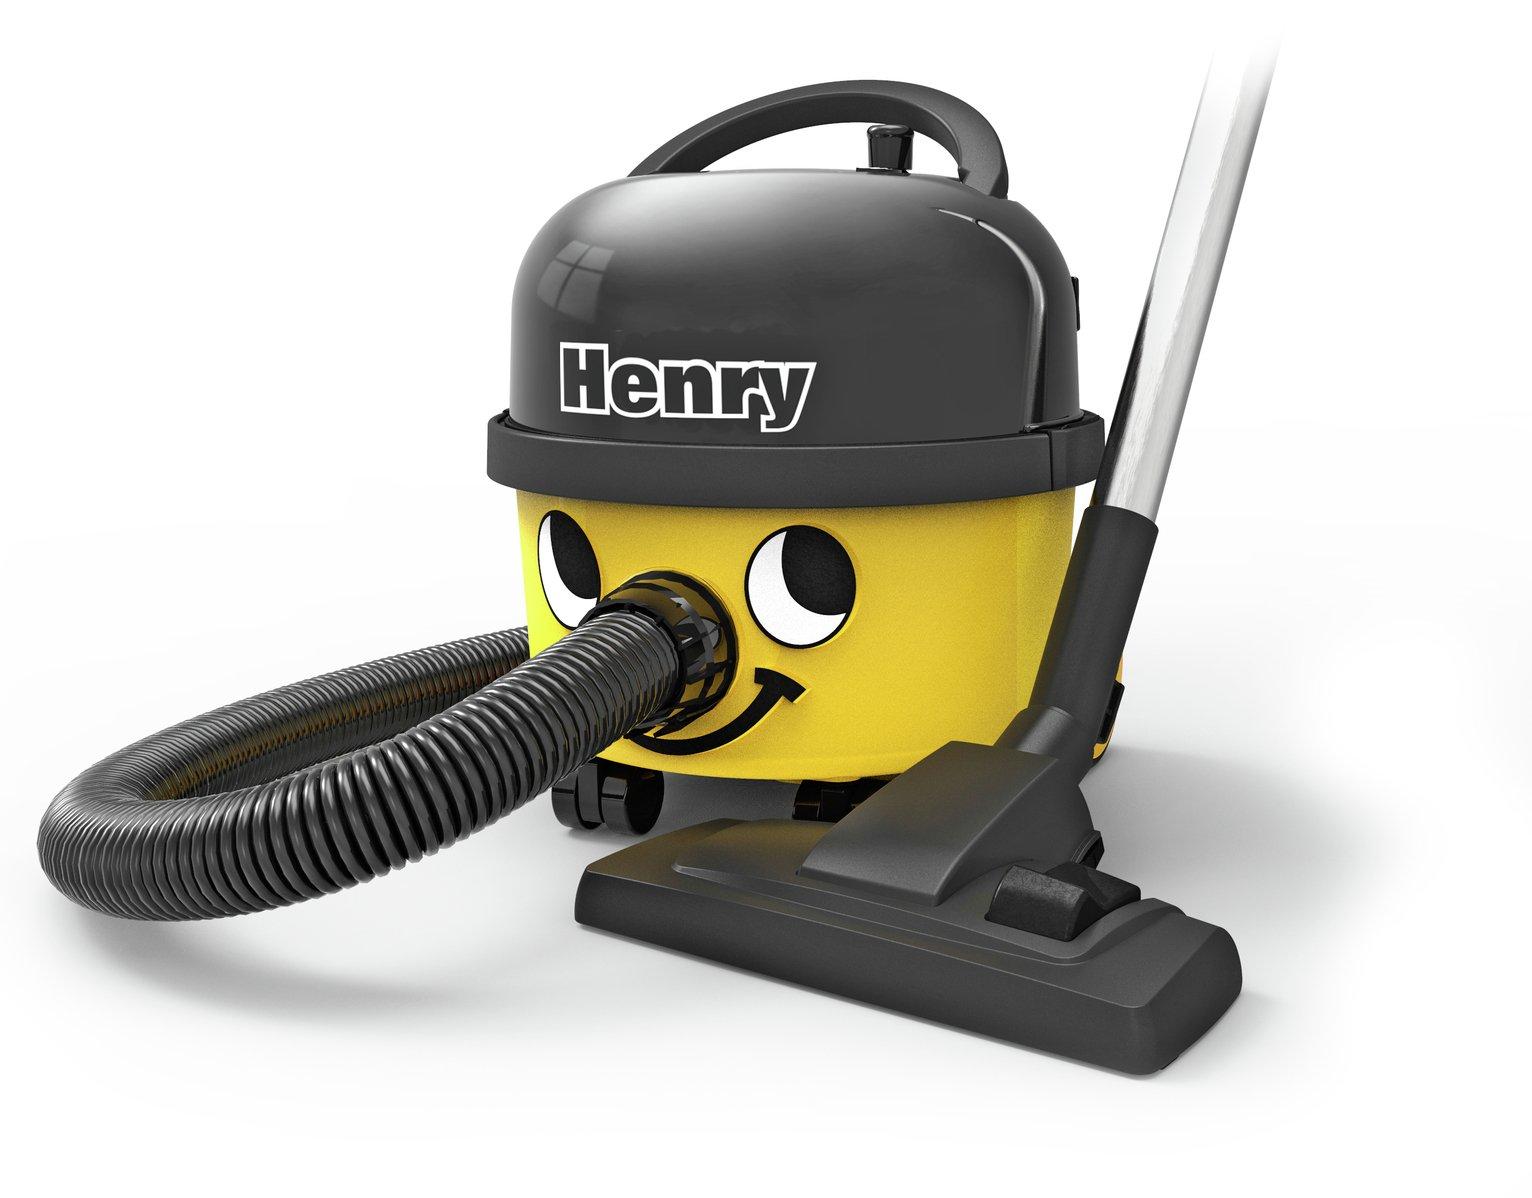 Henry HVR 160-11 Bagged Cylinder Vacuum Cleaner